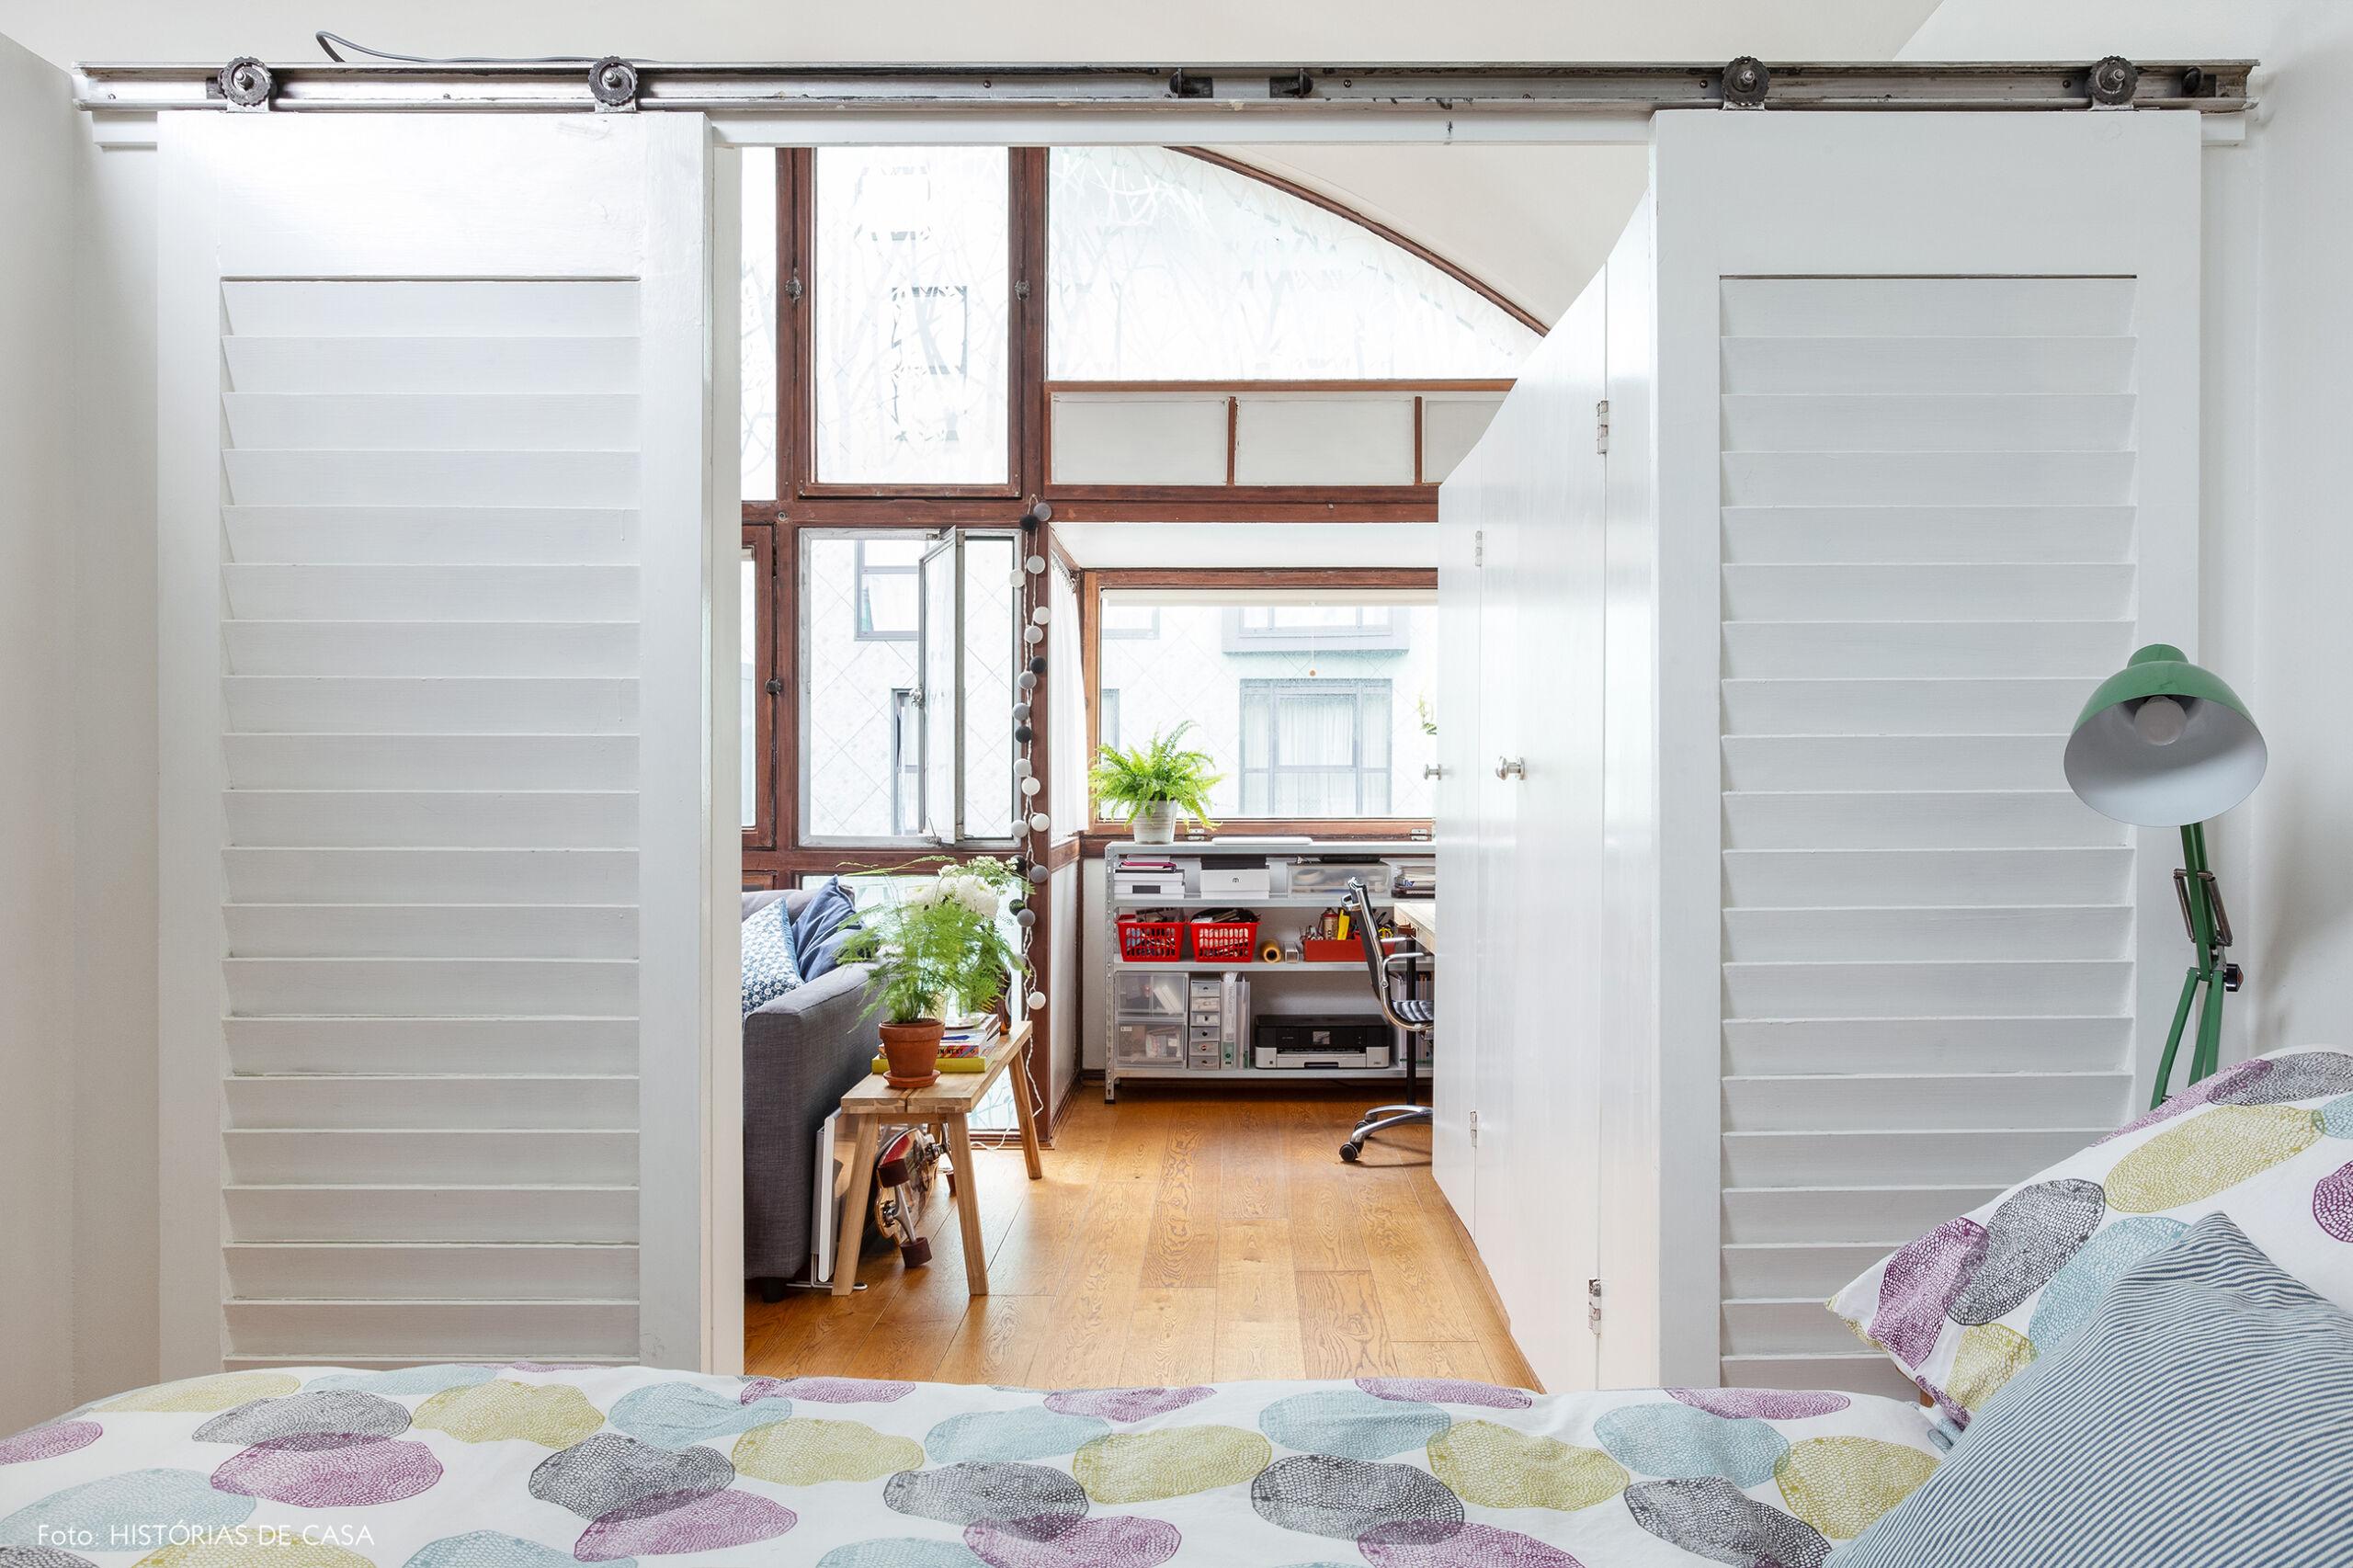 22-decoracao-apartamento-quarto-com-portas-de-correr